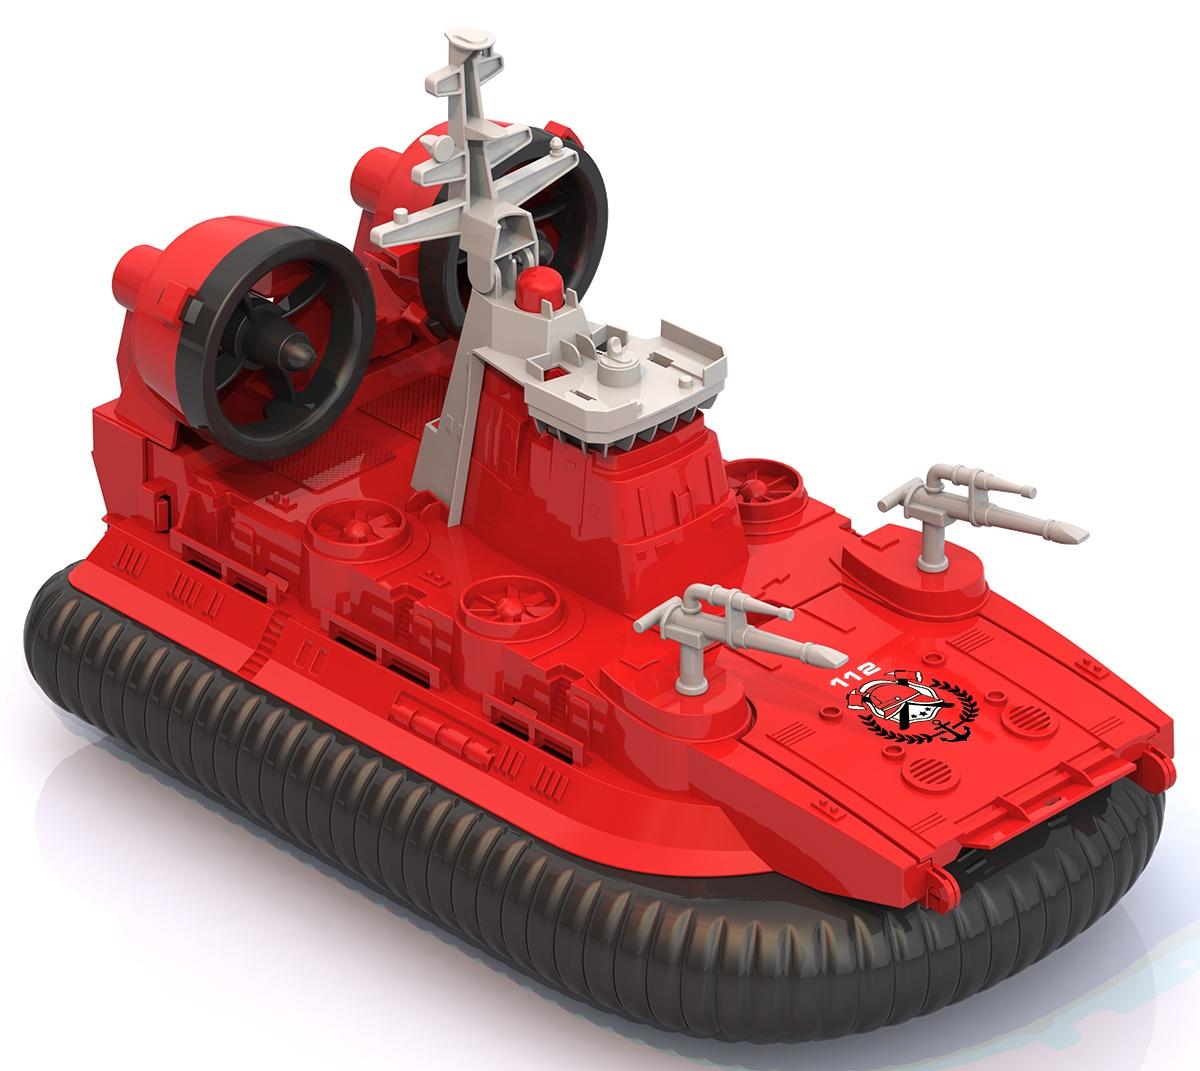 Машинка Нордпласт Катер-амфибия на воздушной подушке, 294/ красный цена